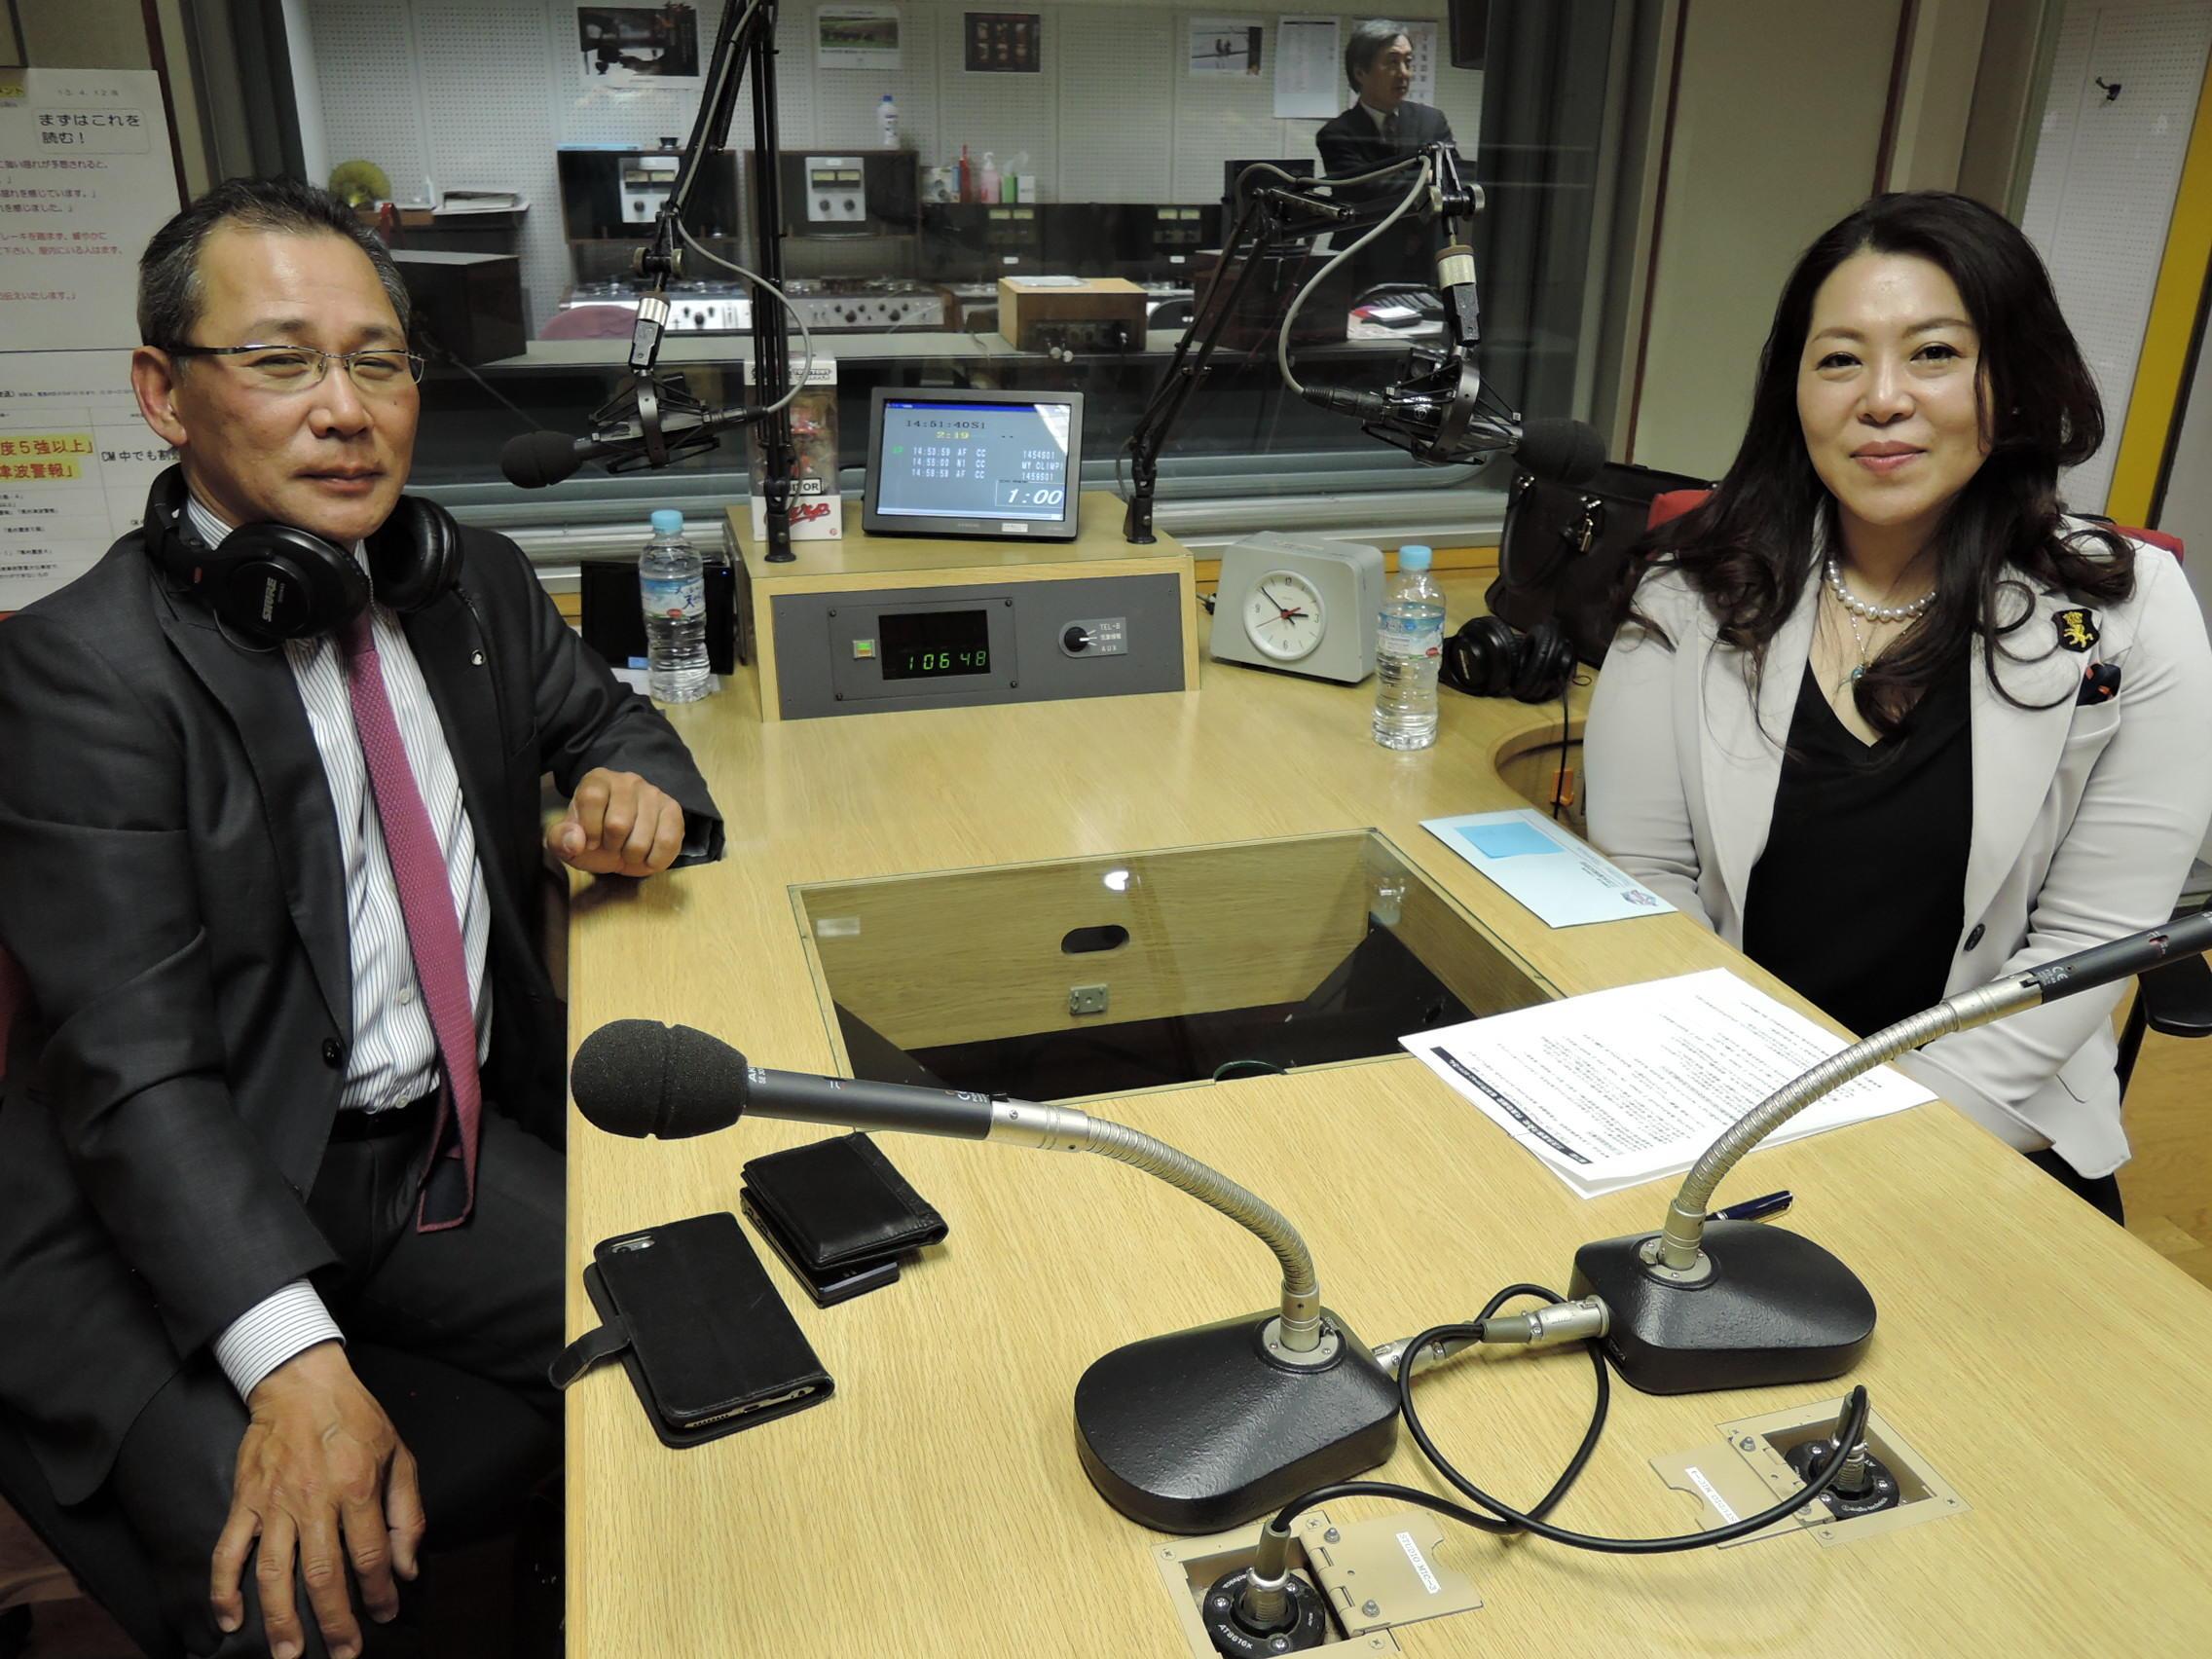 先週に引き続き、ゲストは三次水産株式会社 代表取締役 坂本円さん